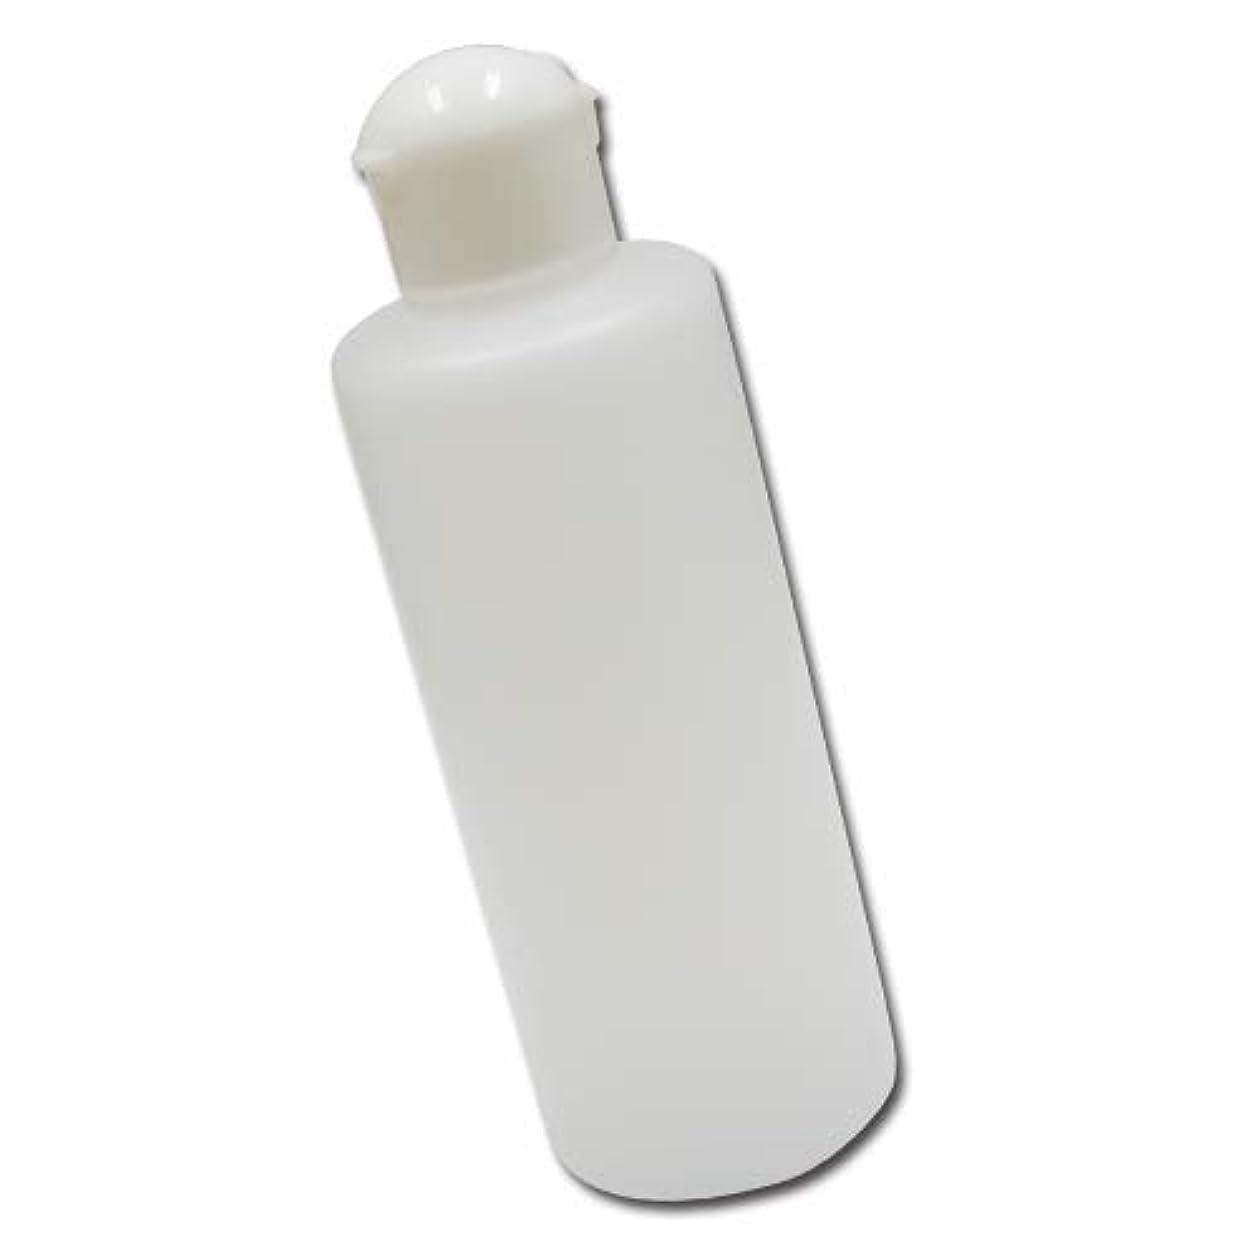 枕組み合わせる線詰め替え容器ワンタッチキャップ200ml (半透明)│業務用ローションやうがい薬、液体石鹸、調味料、化粧品などの小分けに便利なボトル